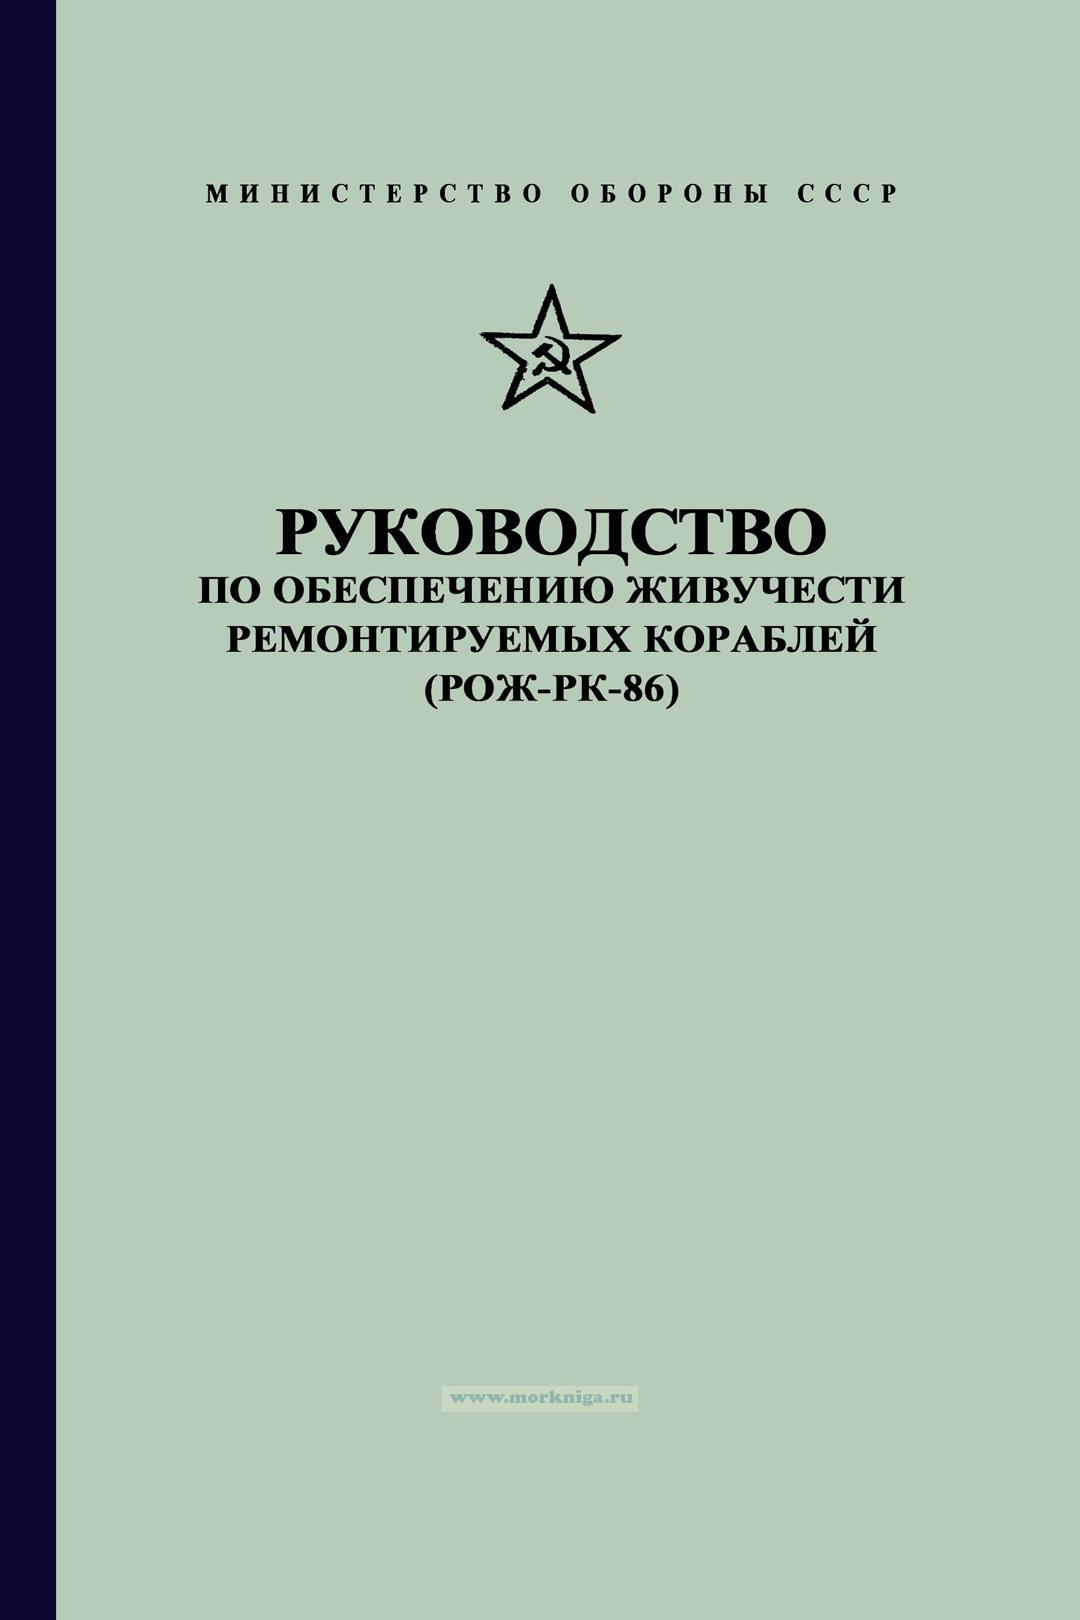 Руководство по обеспечению живучести ремонтируемых кораблей (РОЖ-РК 86)